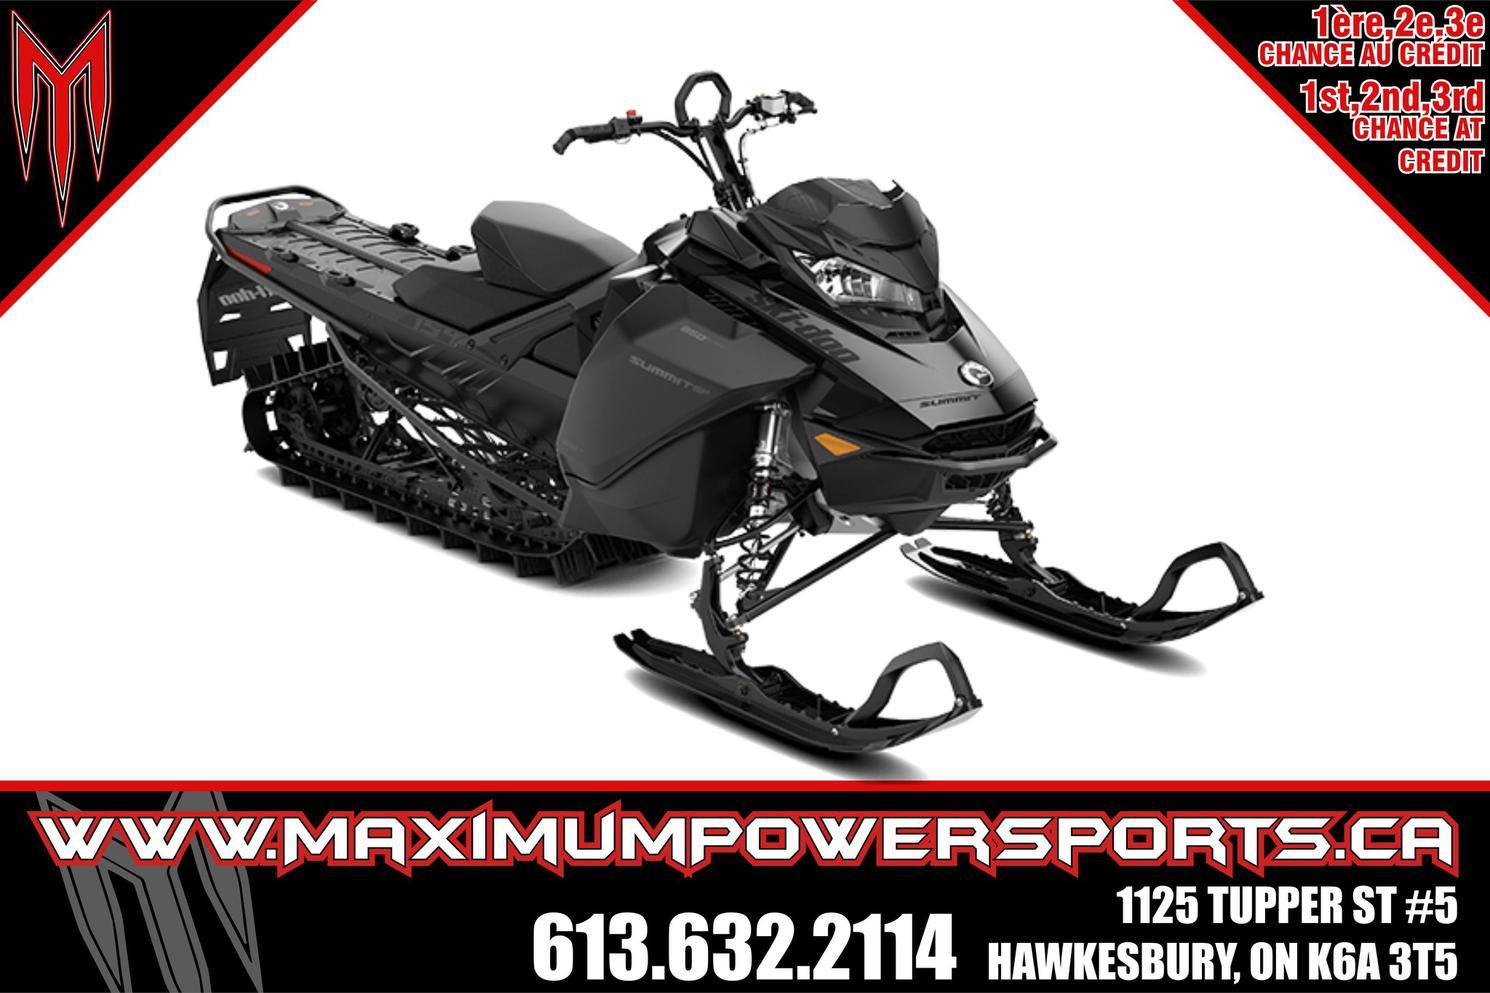 Ski-Doo SUMMIT SP 154 850 E-TEC POWDERMAX LIGHT-FLEXEDGE 2022 - SUMMIT SP 154 850 E-TEC POWDERMAX LIGHT-FLEXEDGE